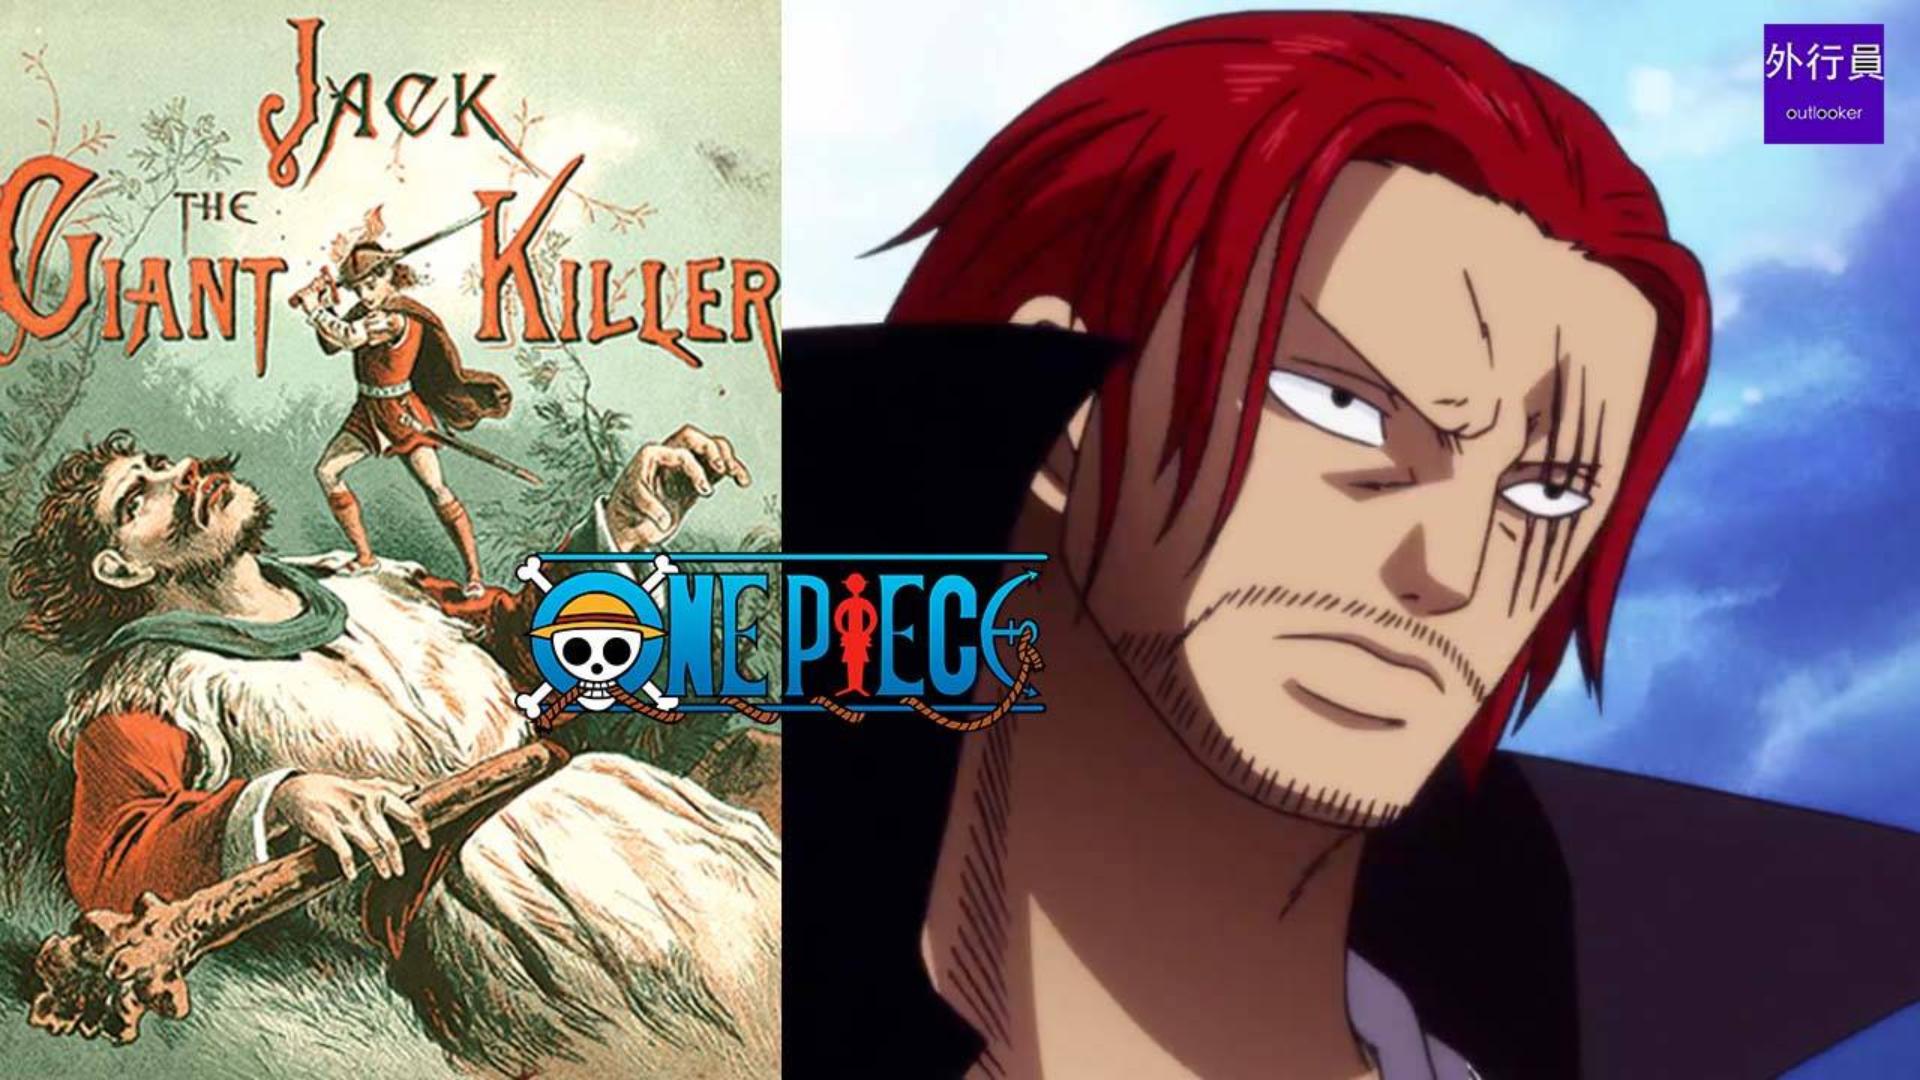 海贼王专题#529: 红发杰克的巨人情节